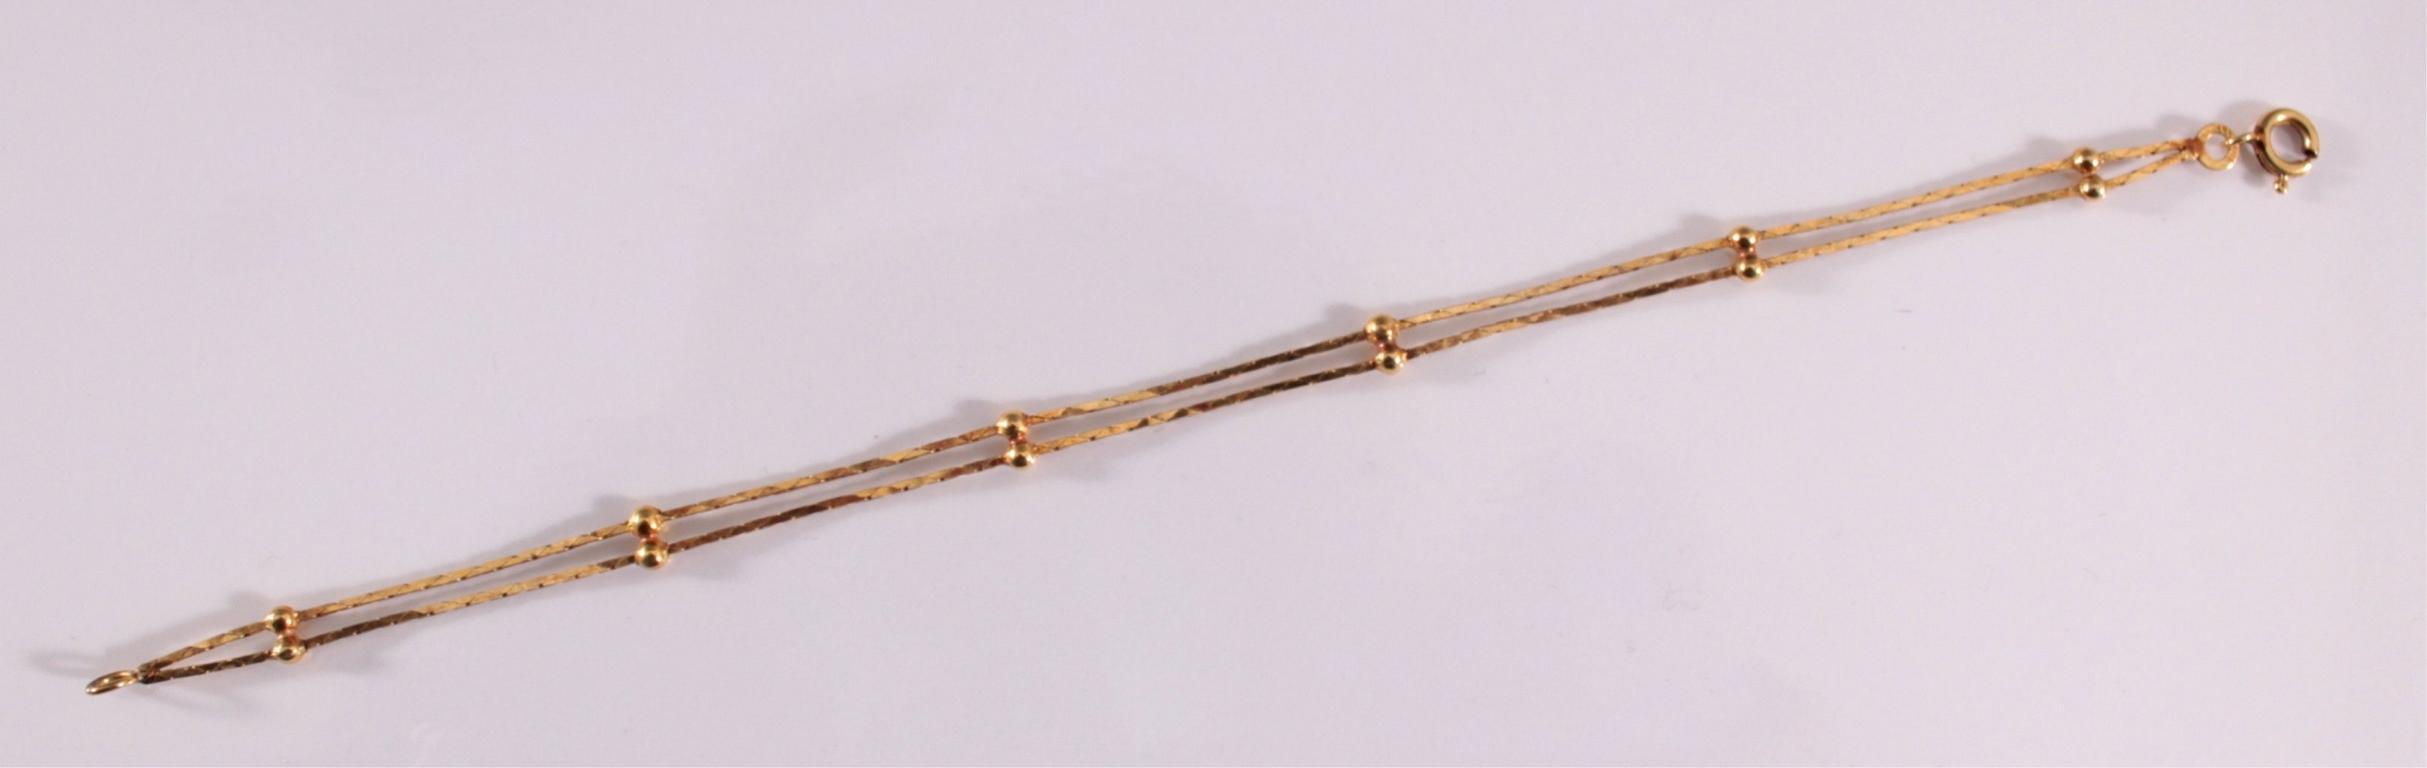 Damenarmband aus 8 Karat Gelbgold-2